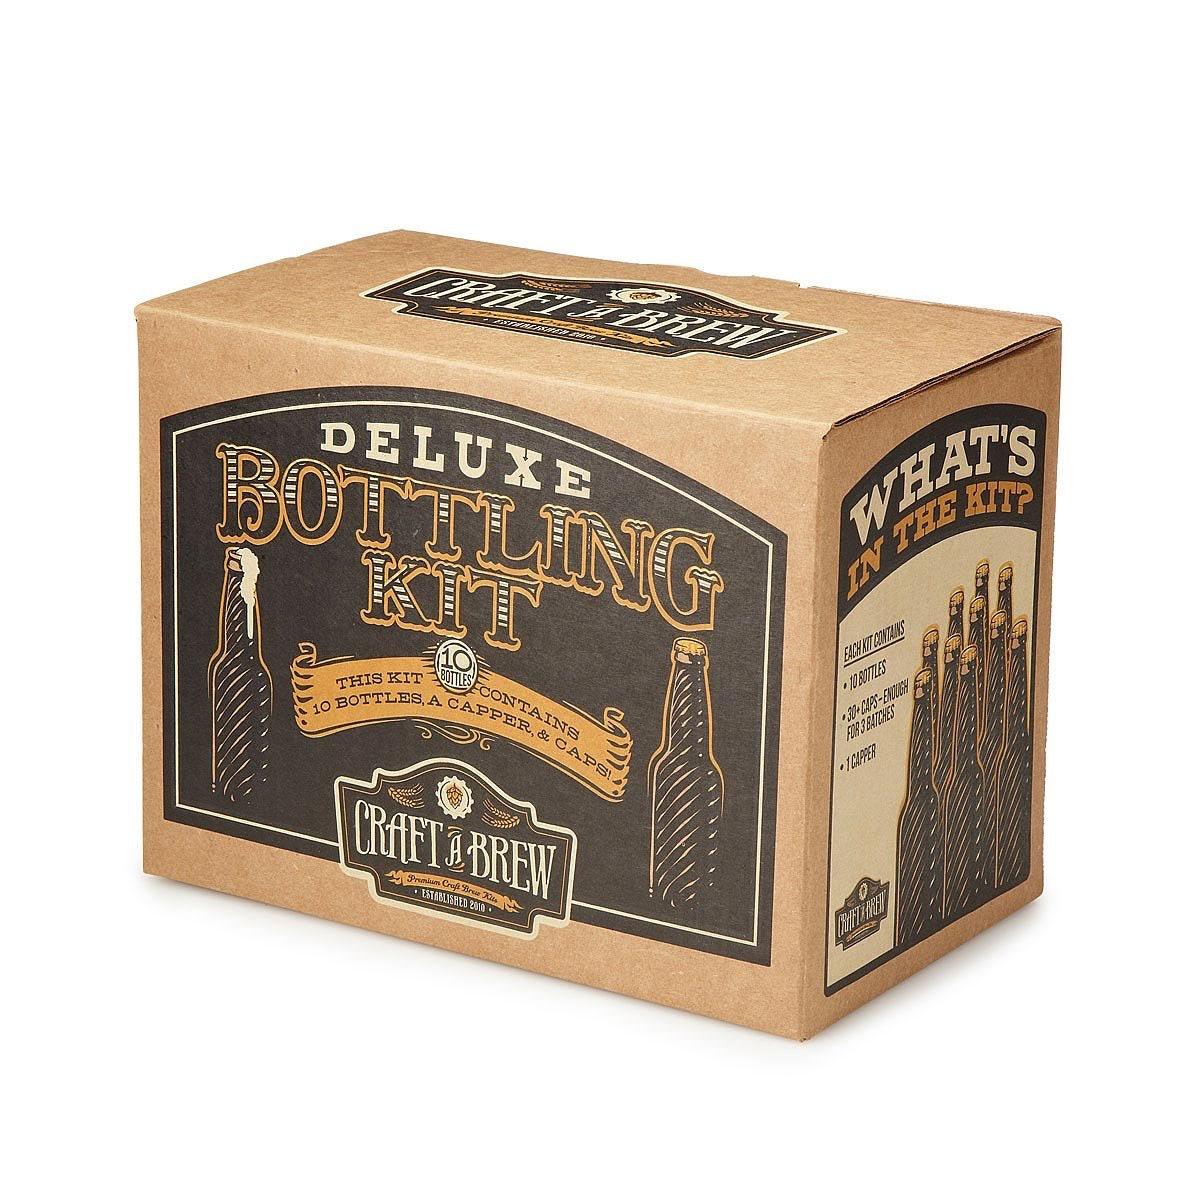 Deluxe DIY Bottling Kit